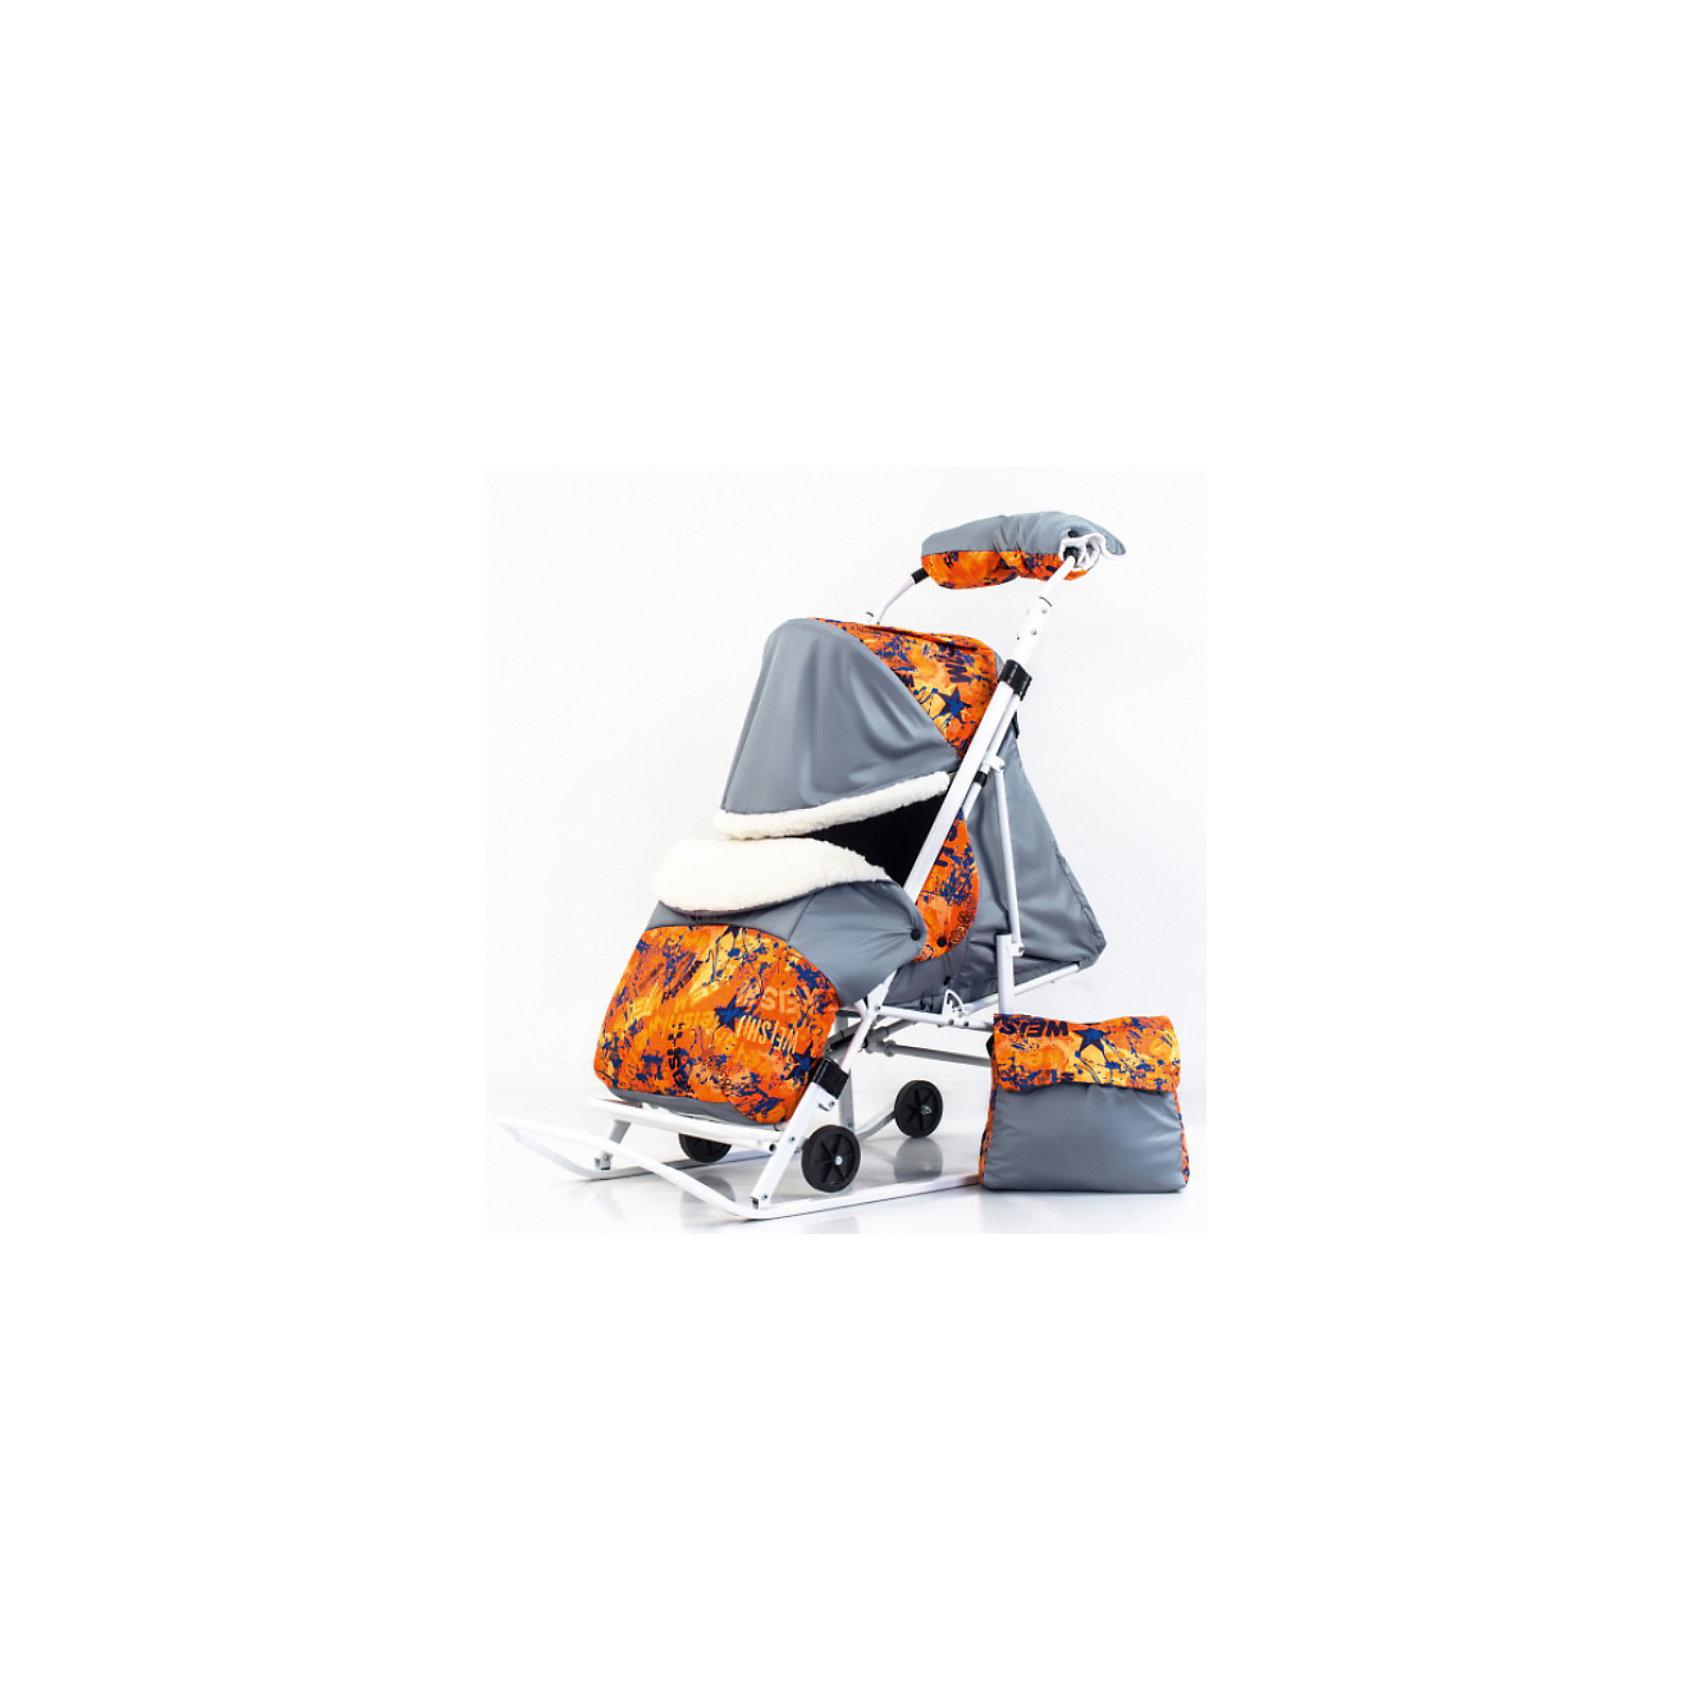 Санки-коляска Пушок К, оранжевый/черныйС колесиками<br>Санки-коляска Пушок К, оранжевый/черный.<br><br>Характеристики:<br><br>• колесики санок легко убираются<br>• объемный капюшон можно полностью опустить в случае непогоды<br>• 4 положения спинки, включая лежачее<br>• надежные ремни безопасности<br>• теплый чехол для ног<br>• есть сумка для мамы<br>• легко складывается <br>• ширина полозьев: 3 см <br>• вес: 7,5 кг<br>• цвет: оранжевый/черный<br><br>Санки-коляска Пушок К подойдут для детей от 7 месяцев до 4 лет. Они оснащены колесами, которые легко выдвигаются и убираются. Модель имеет удобную подножку, чехол для ног и сумку для мамы. Спинка санок регулируется в четырех положениях, что особенно удобно для детей до года. Объемный регулируемый капюшон защитит малыша от ветра и холода. С такими санками-коляской вы сможете проводить время на свежем воздухе с удовольствием!<br><br>Вы можете купить санки-коляску Пушок К, оранжевый/черный в нашем интернет-магазине.<br><br>Ширина мм: 1200<br>Глубина мм: 440<br>Высота мм: 240<br>Вес г: 8000<br>Возраст от месяцев: 12<br>Возраст до месяцев: 48<br>Пол: Унисекс<br>Возраст: Детский<br>SKU: 5137216